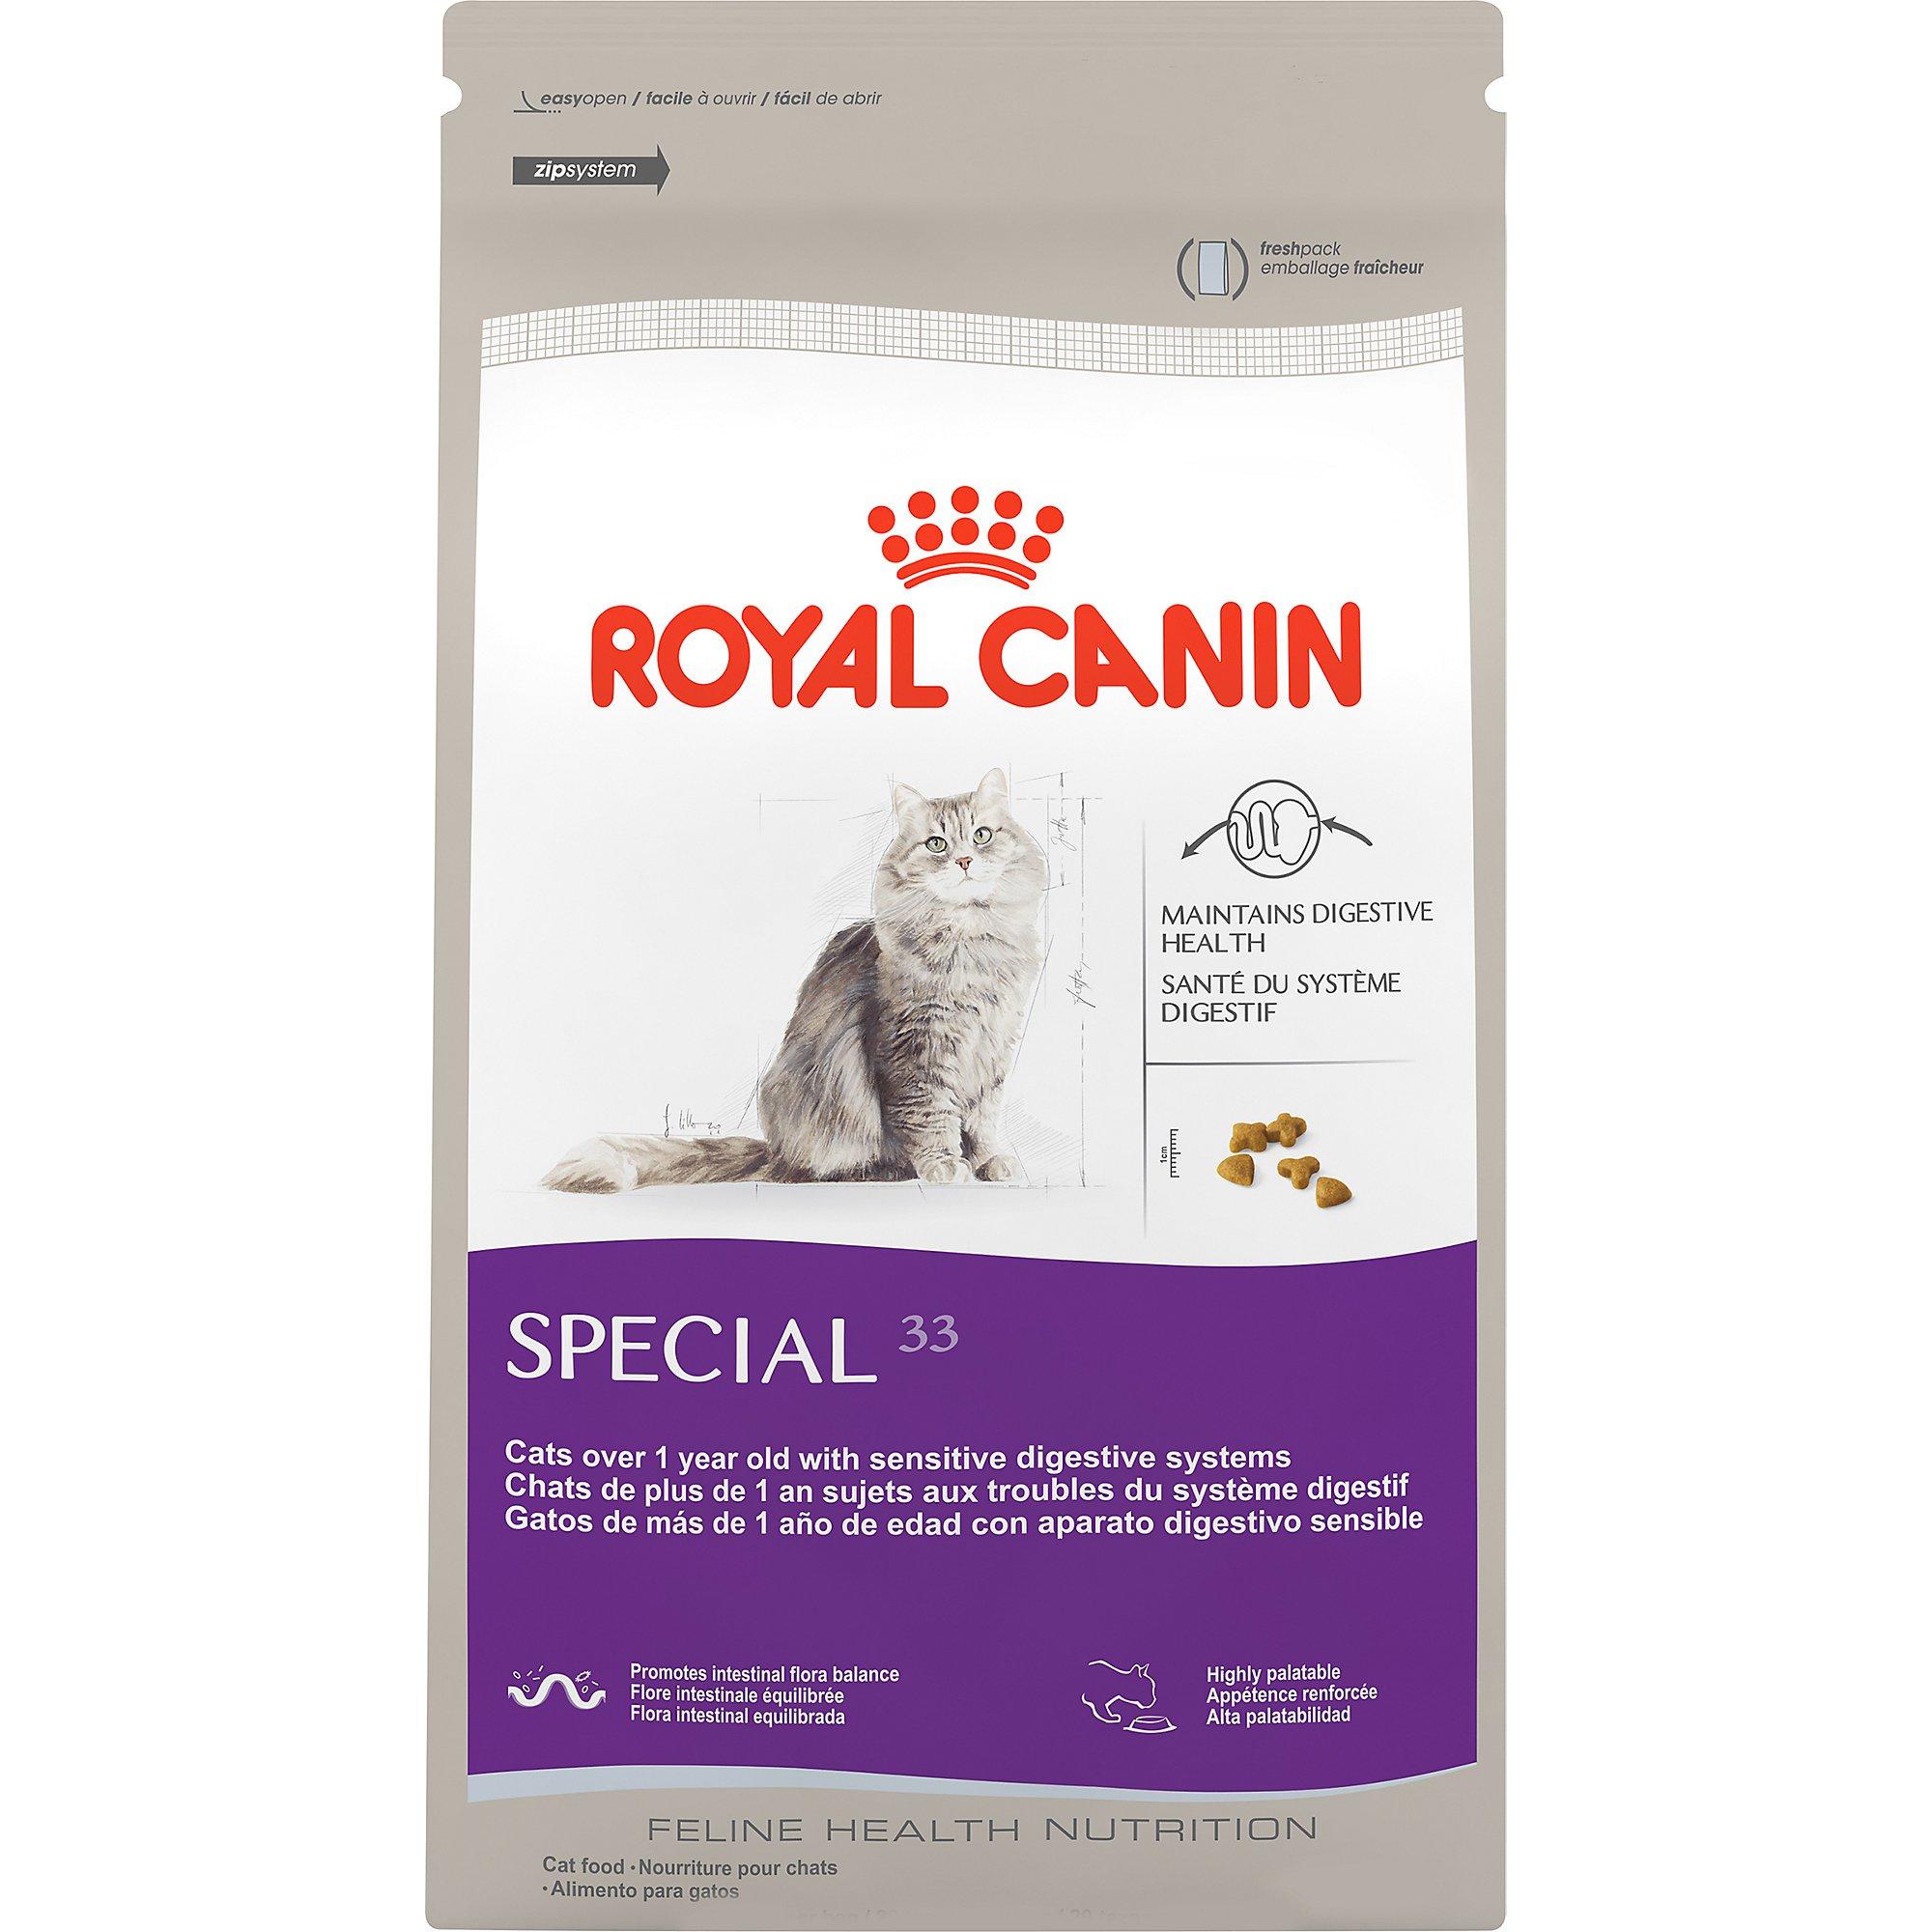 Royal Canin Feline Health Nutrition Special 33